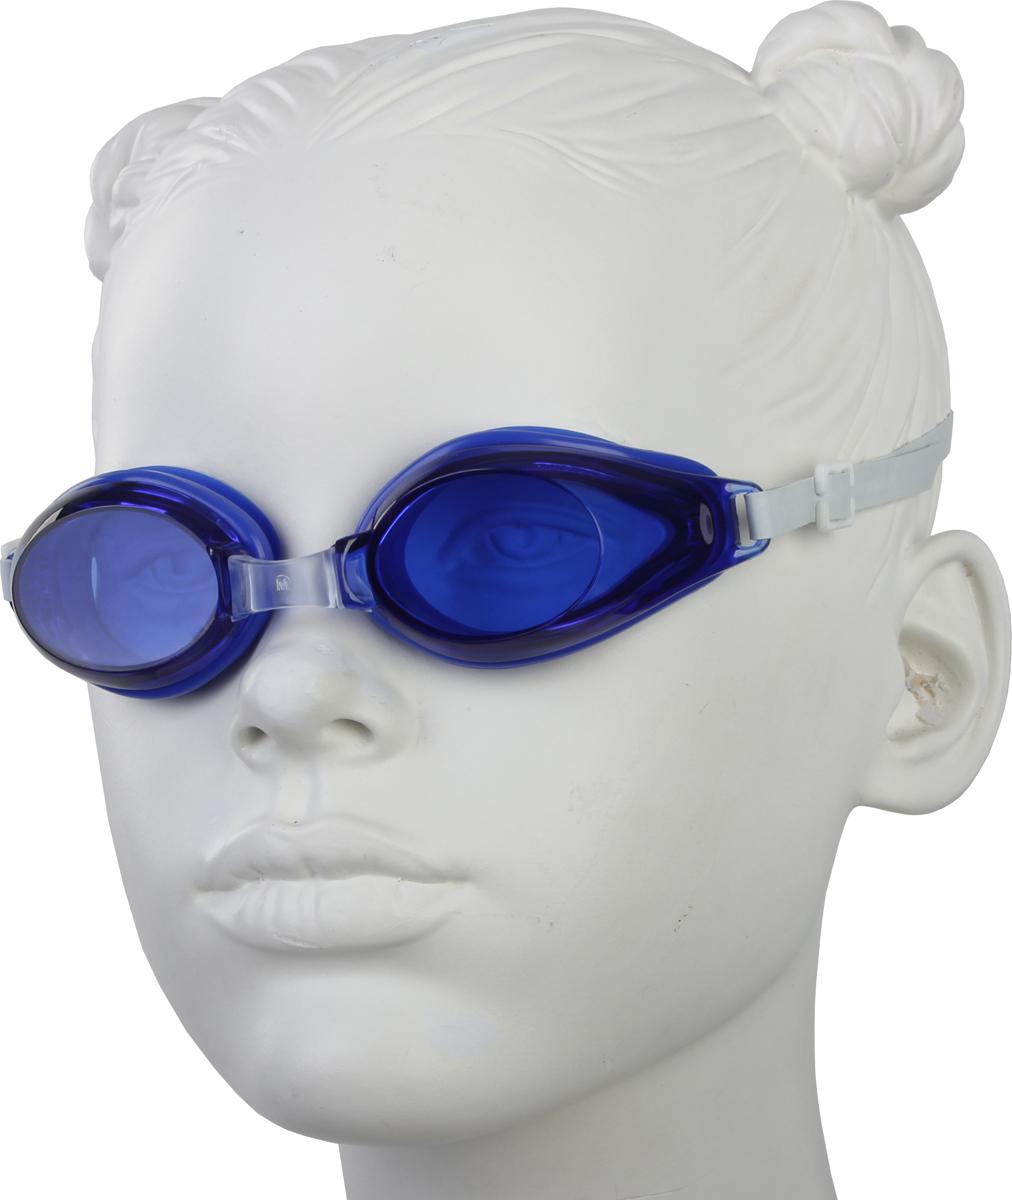 Очки для плавания Start Up, цвет: синий. G1001B281662Очки плавательные представляет собой необходимый аксессуар, предназначенный для защиты глаз во время плавания в открытом водоеме или в бассейне. Линзы очков произведены из высокопрочного поликарбоната, оправа из силикона, который плотно прилегает к голове и не соскальзывает даже во время активных тренировок. Такие надежные материалы устойчивы к возможным повреждениям и рассчитаны на долгий срок службы. Переносица: нерегулируемая.